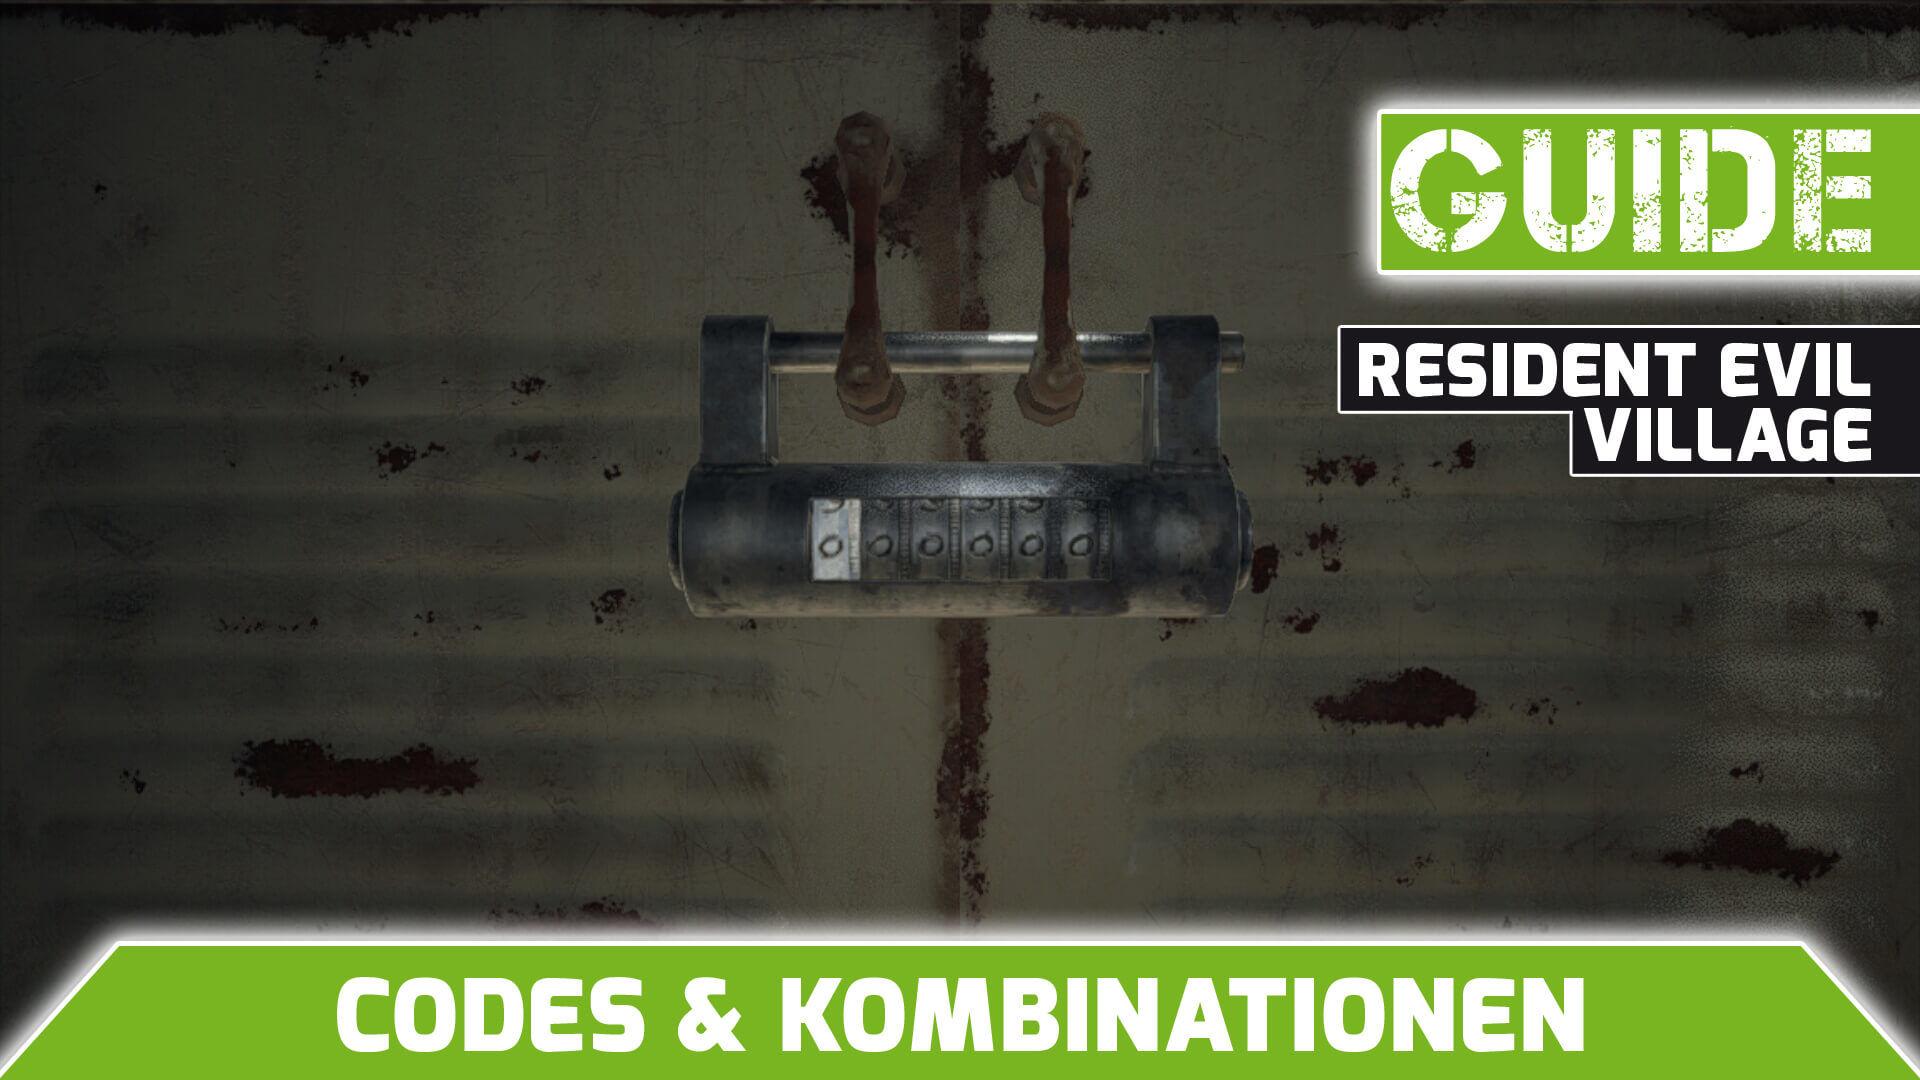 Resident Evil Village Codes und Kombinationen